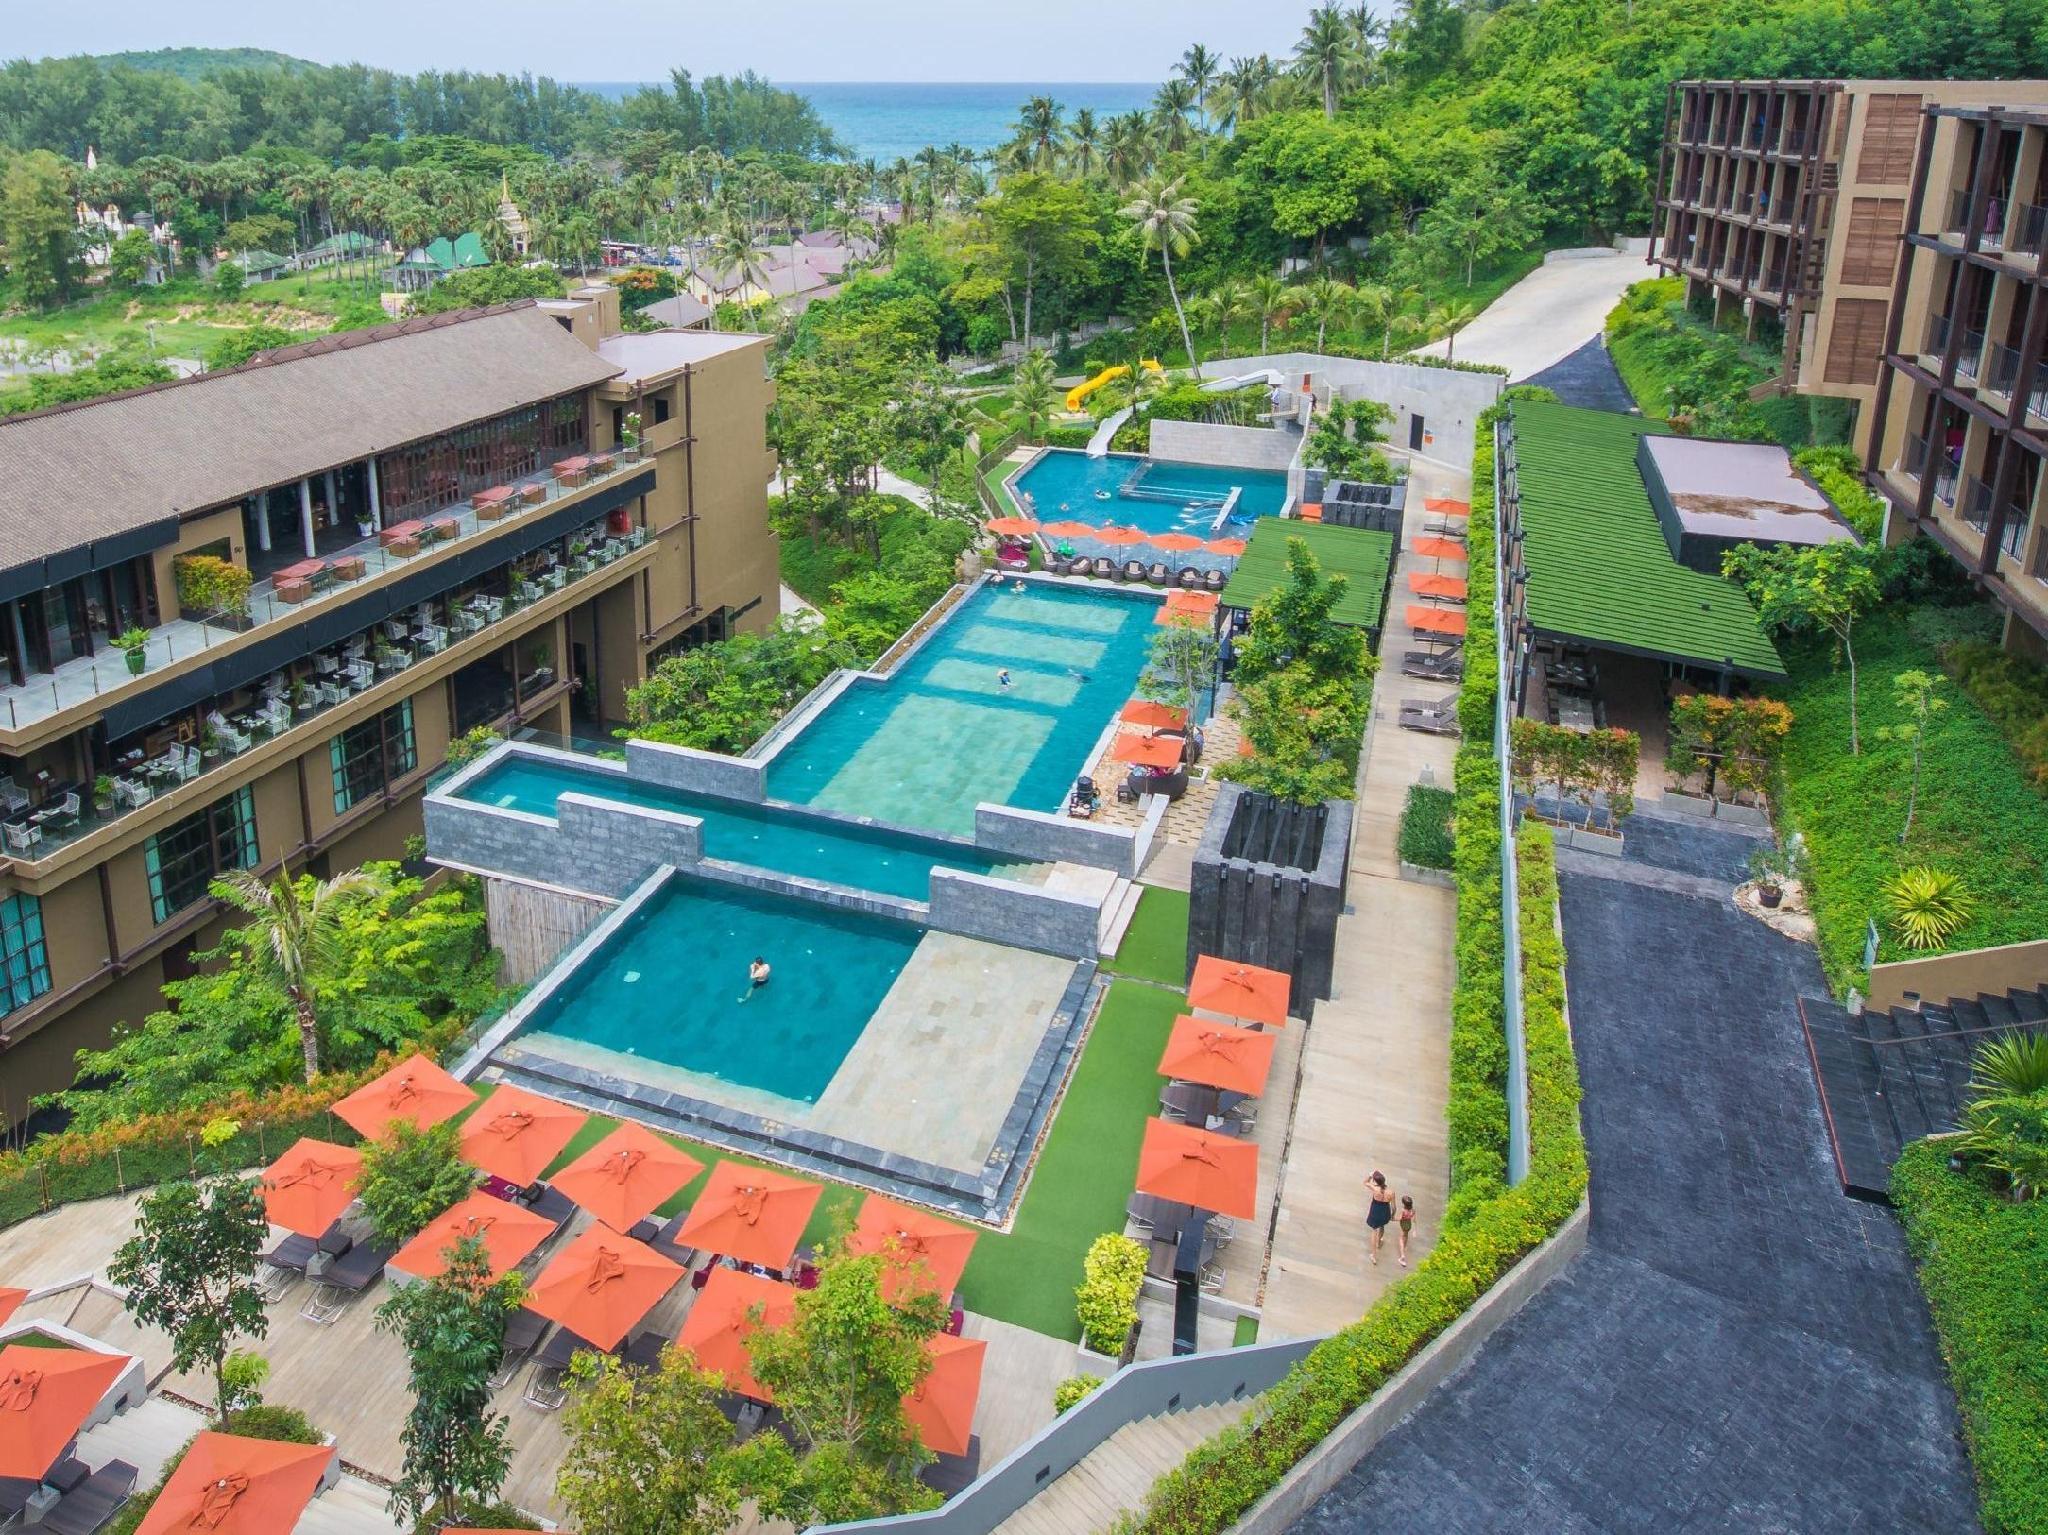 Hotell U Sunsuri Phuket Hotel i Naiharn, Phuket. Klicka för att läsa mer och skicka bokningsförfrågan